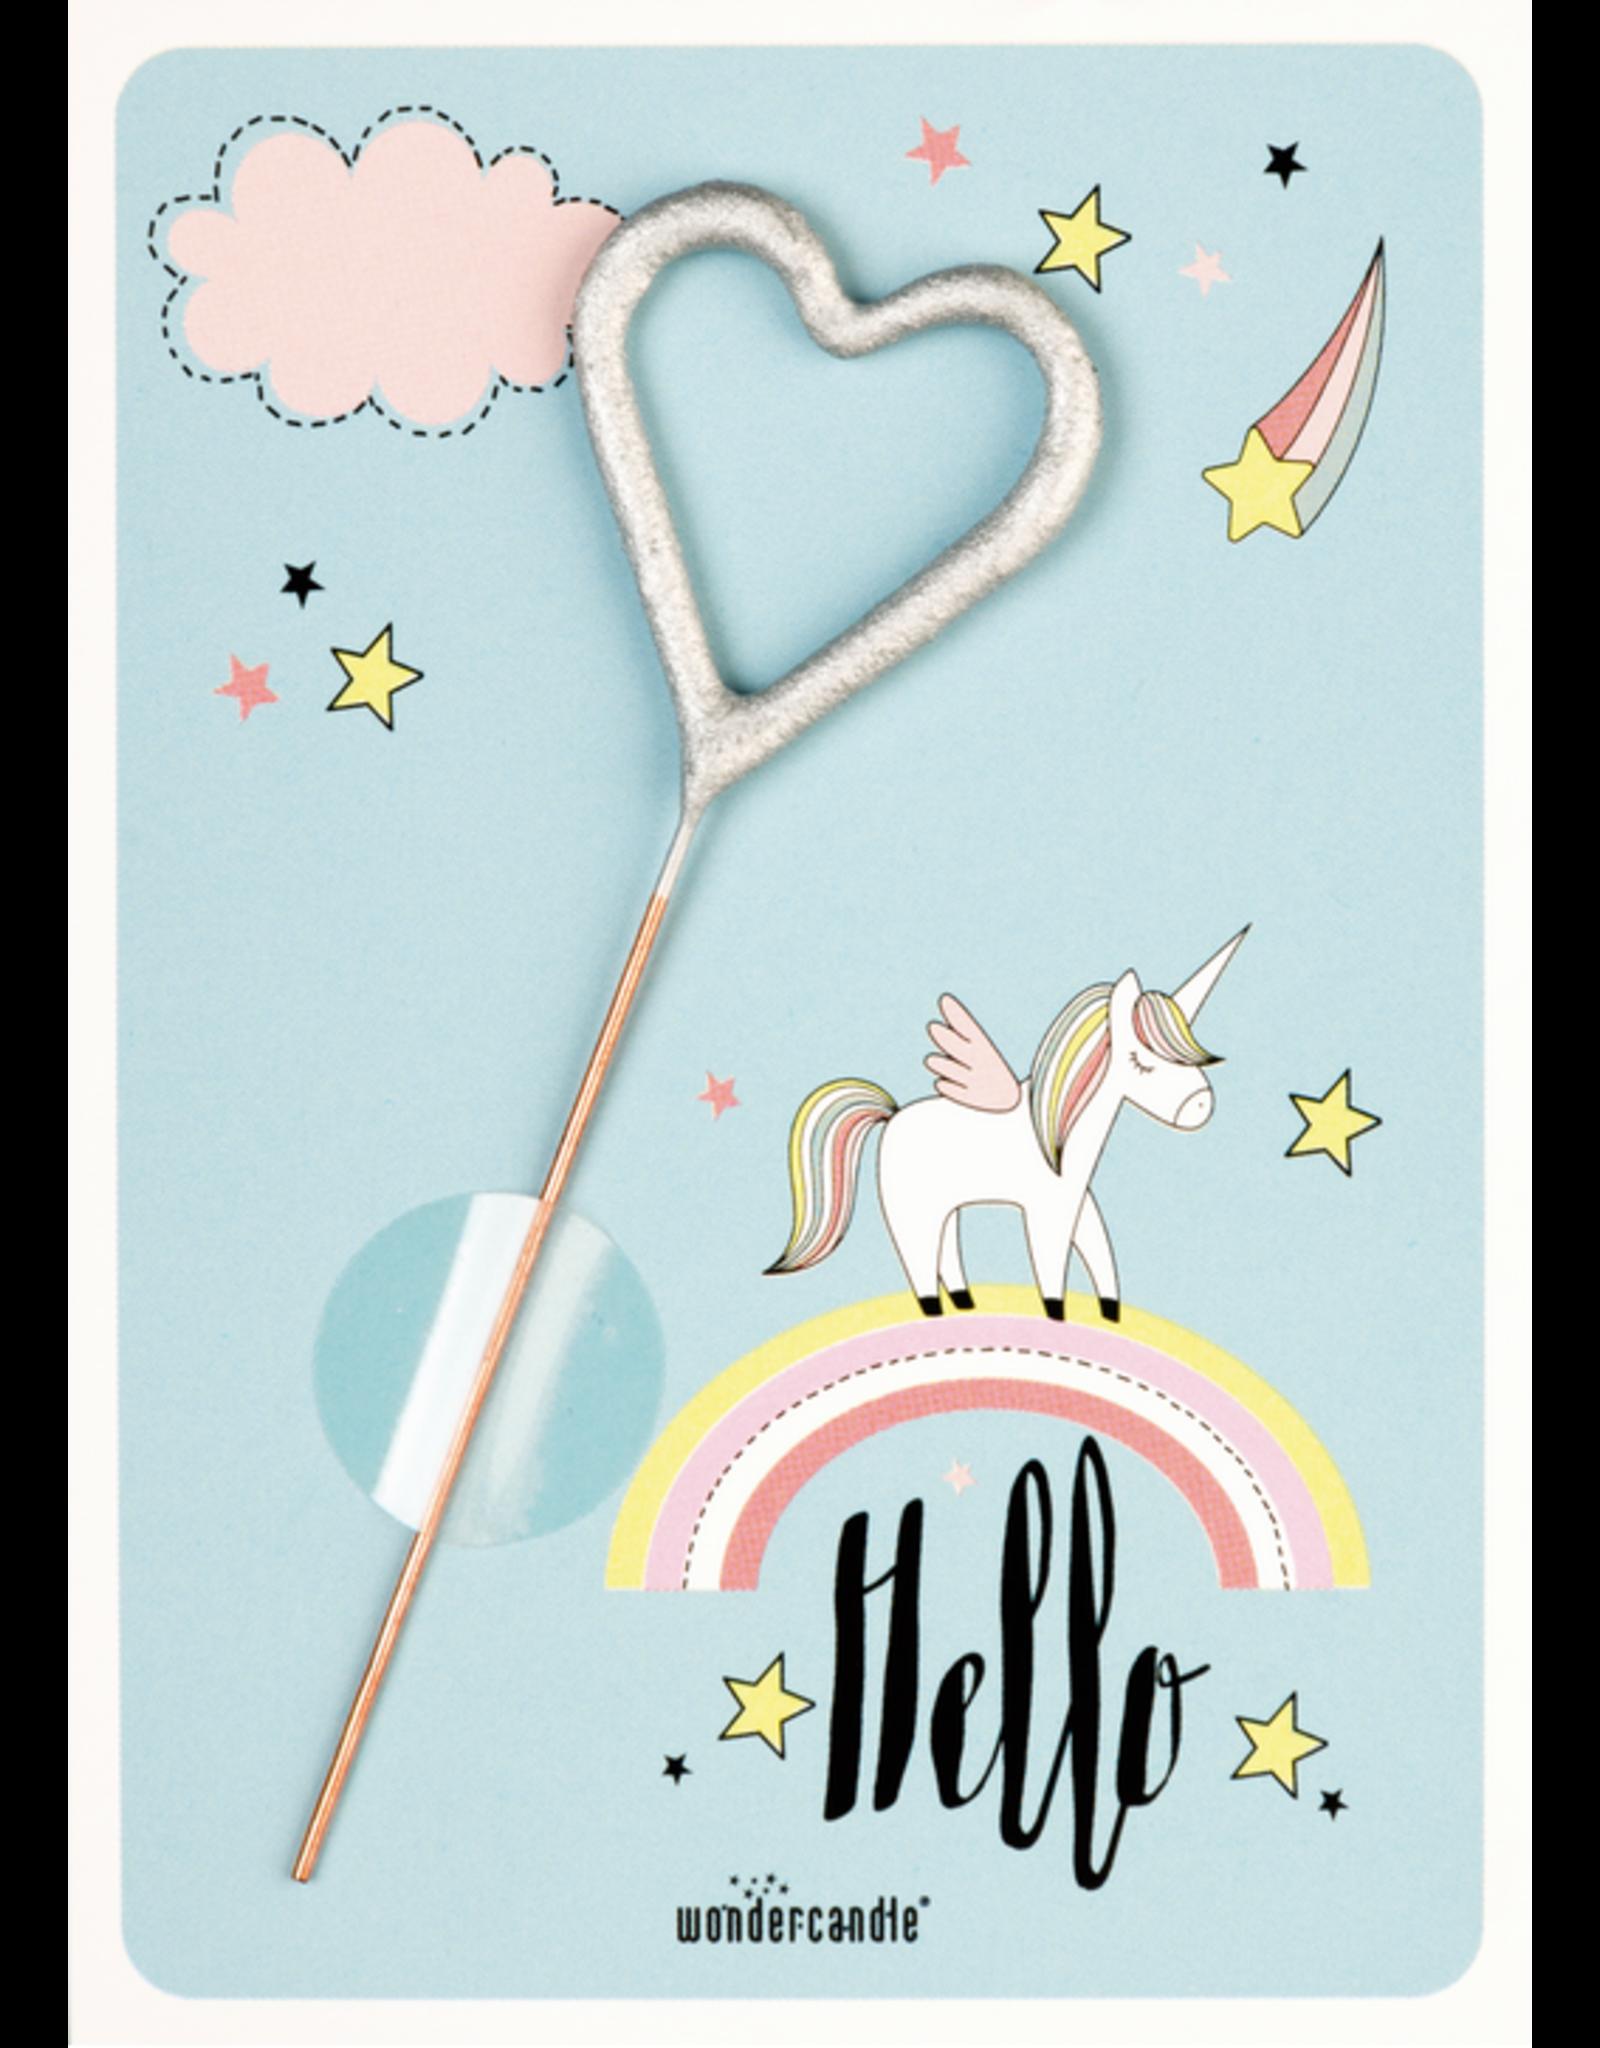 Wondercandle Wondercandle Mini Wondercard Hello unicorn